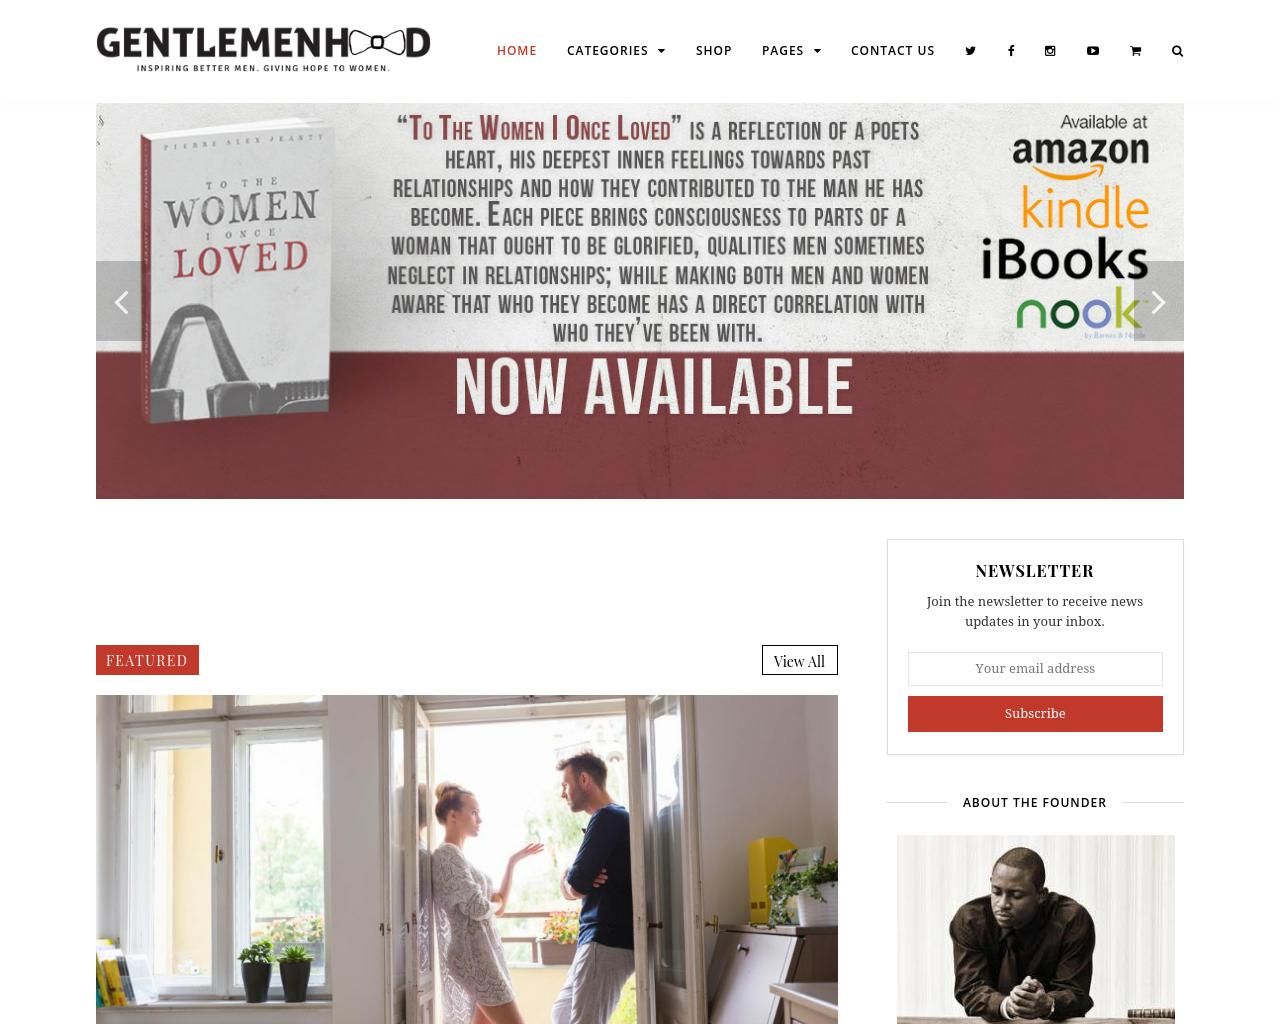 Gentlemenhood-Advertising-Reviews-Pricing